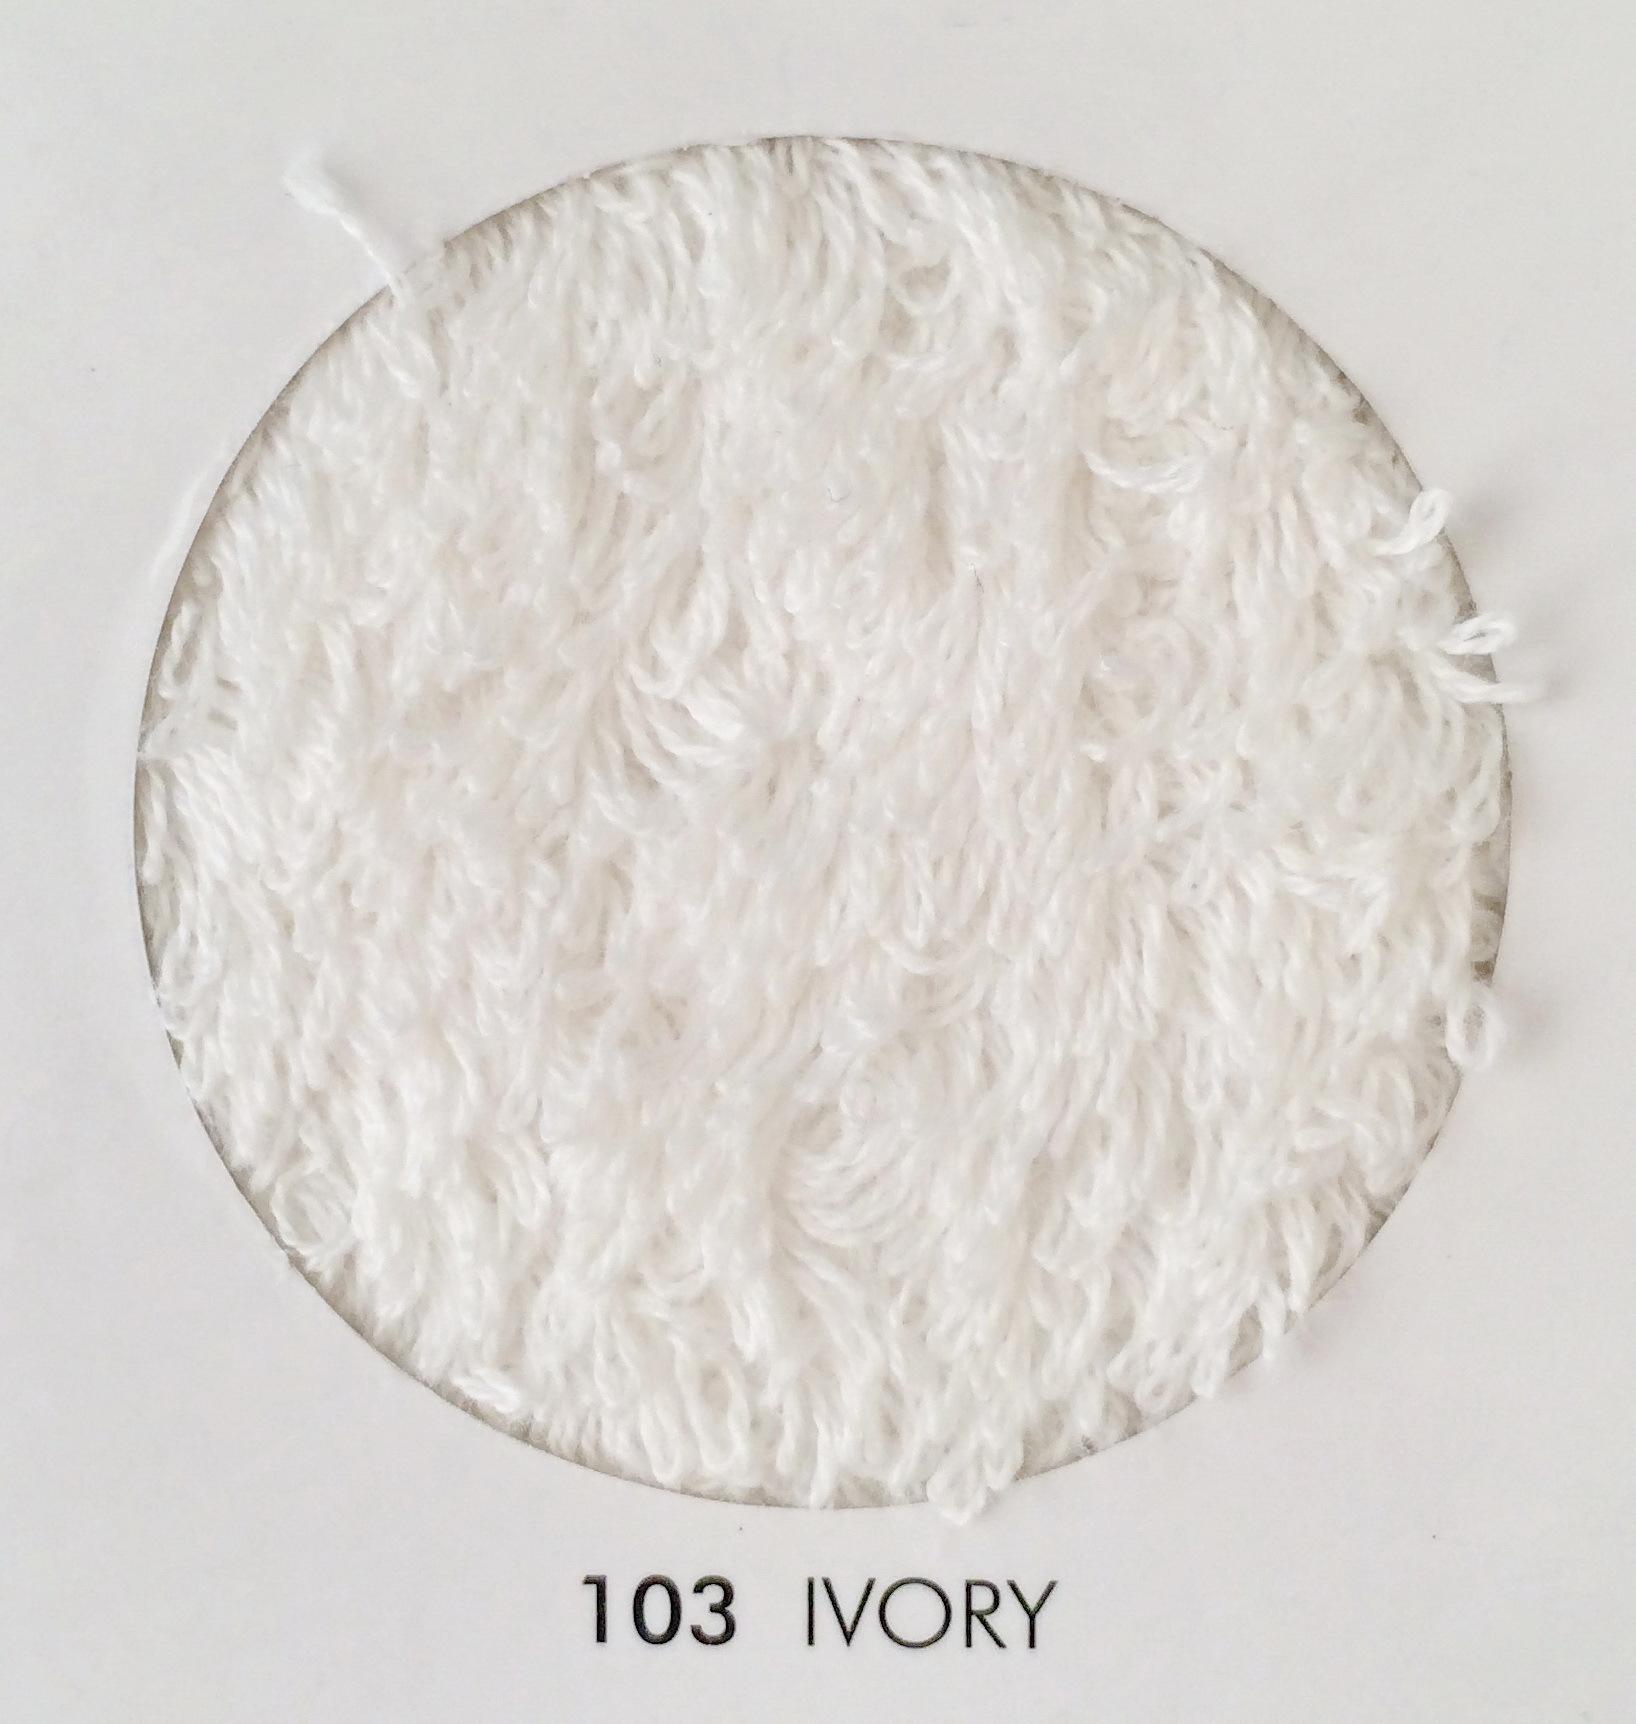 Коврики для унитаза Коврик для унитаза 60х60 Abyss & Habidecor Must 103 Ivory elitnyy-kovrik-dlya-unitaza-must-103-ivory-ot-abyss-habidecor-portugaliya.jpg